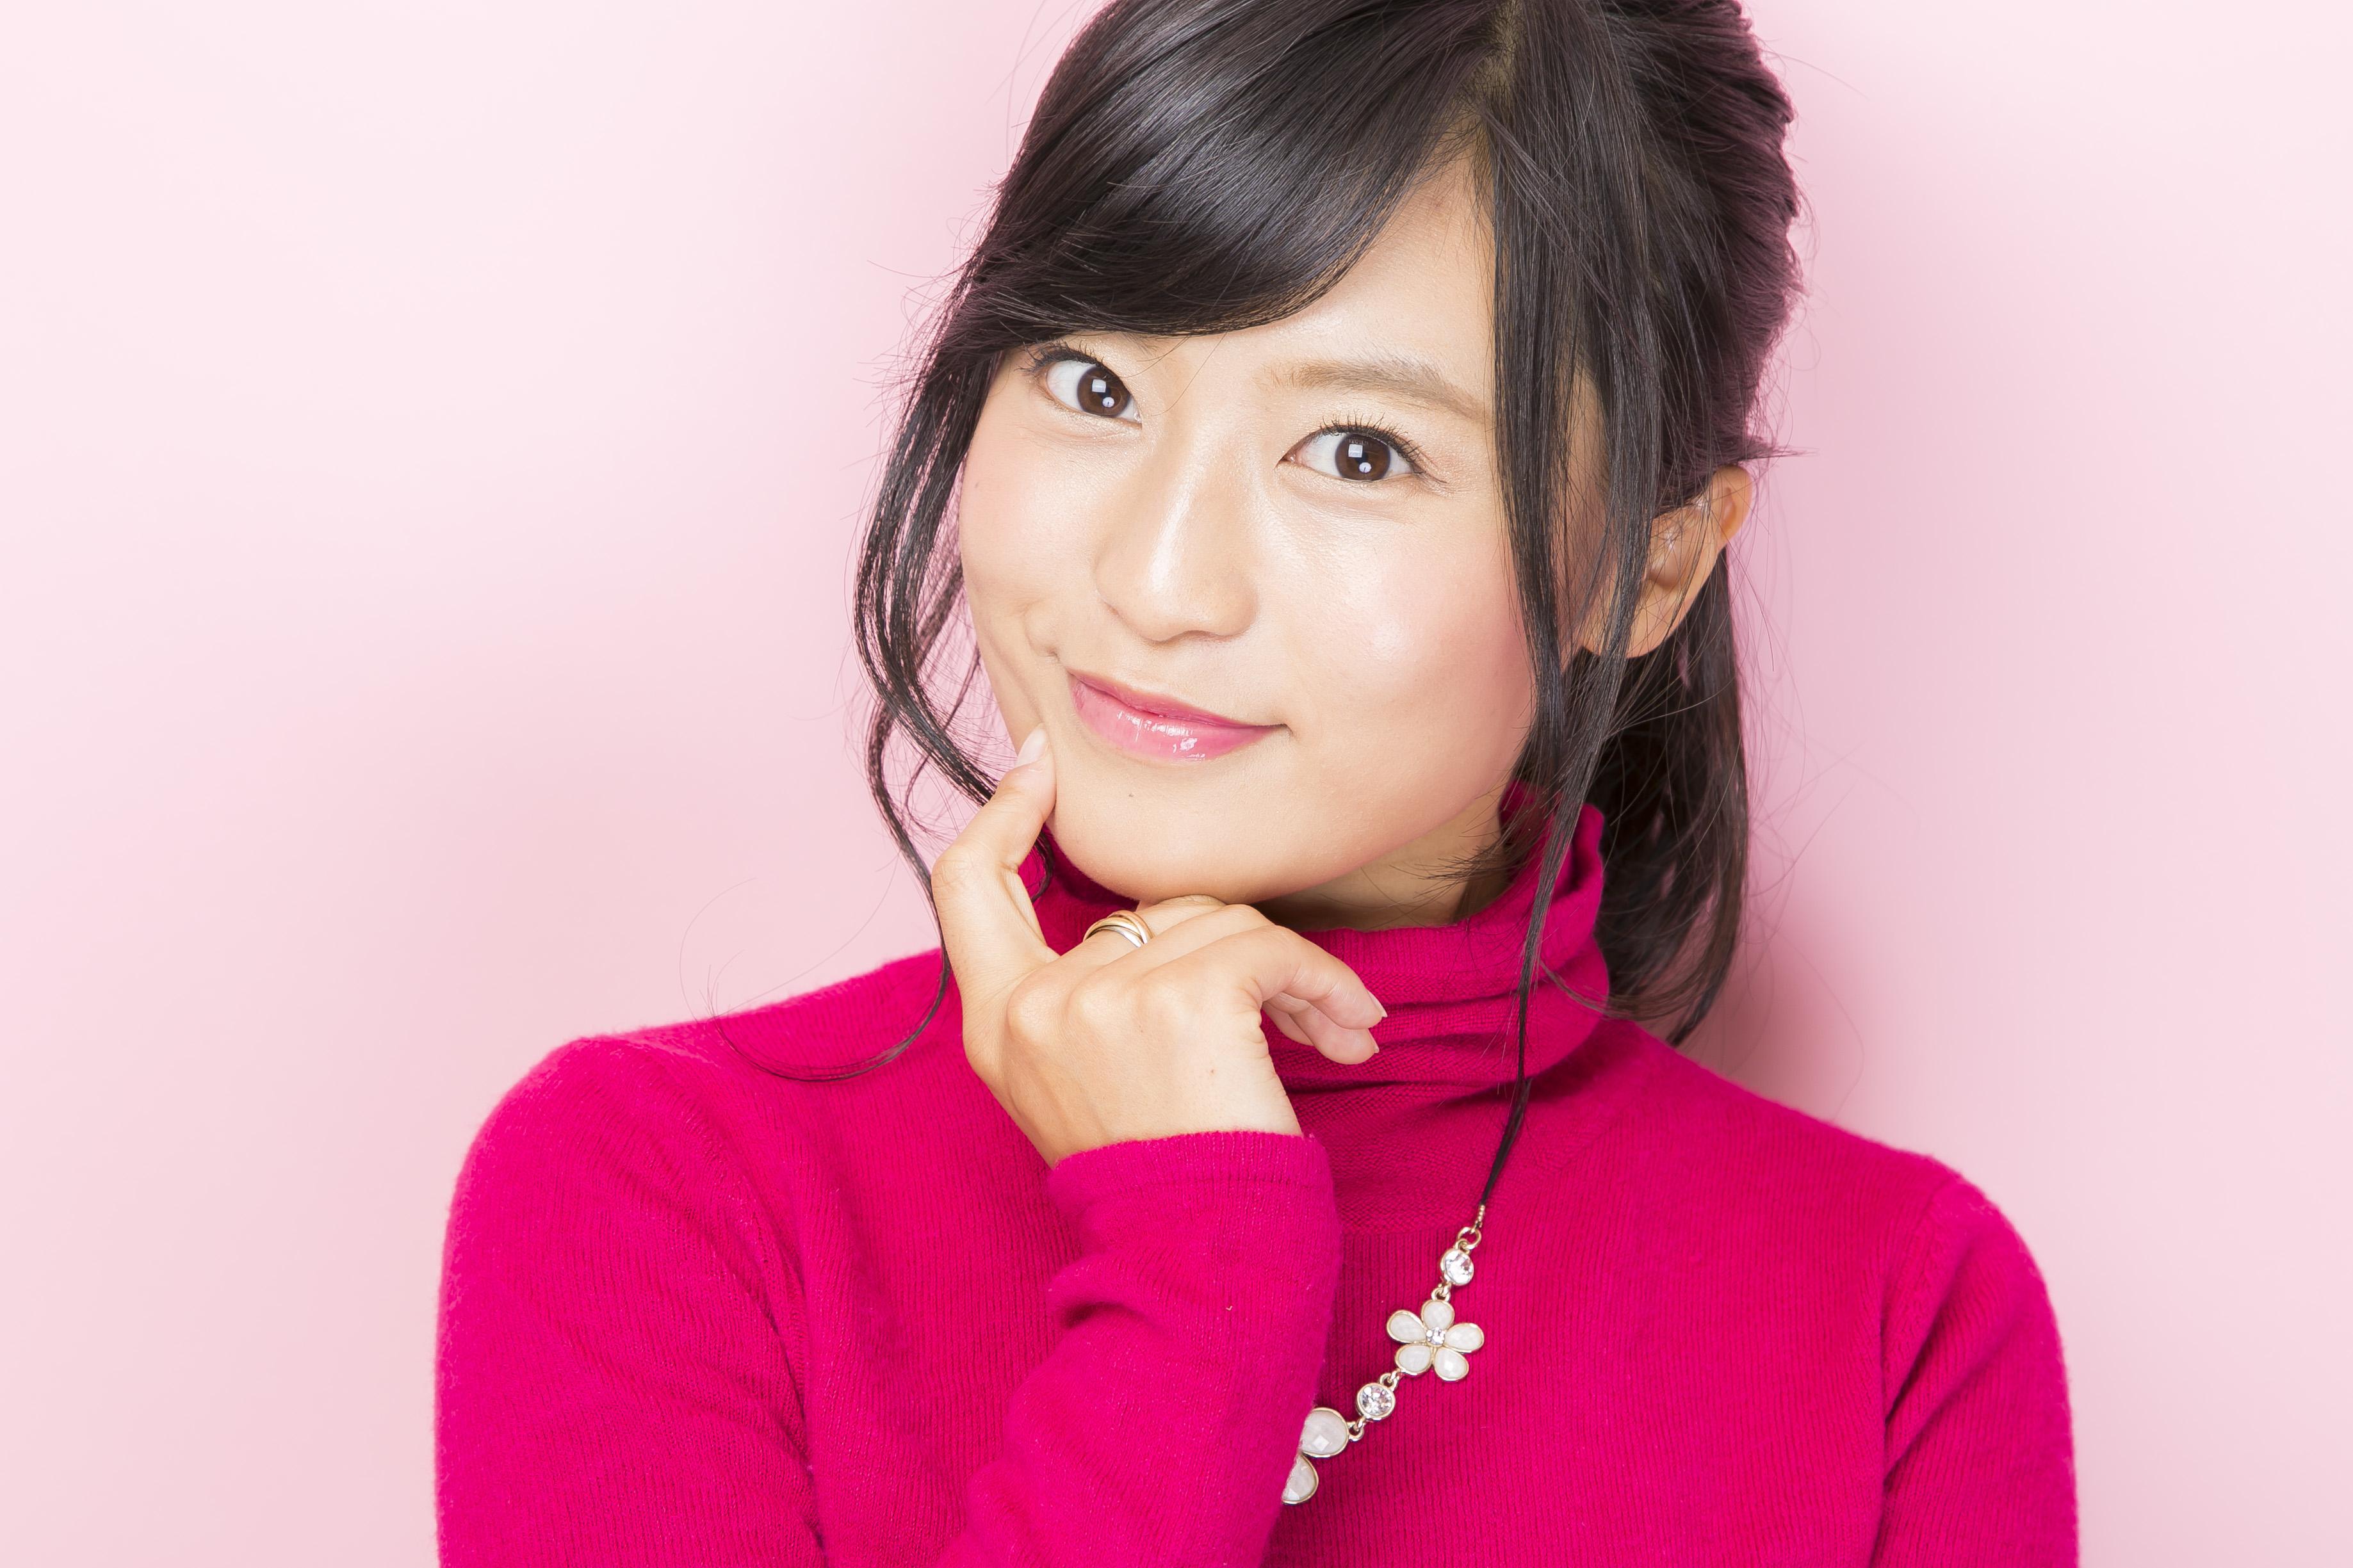 バラエティで大活躍!明るい笑顔で元気をくれる小島瑠璃子さん画像集のサムネイル画像